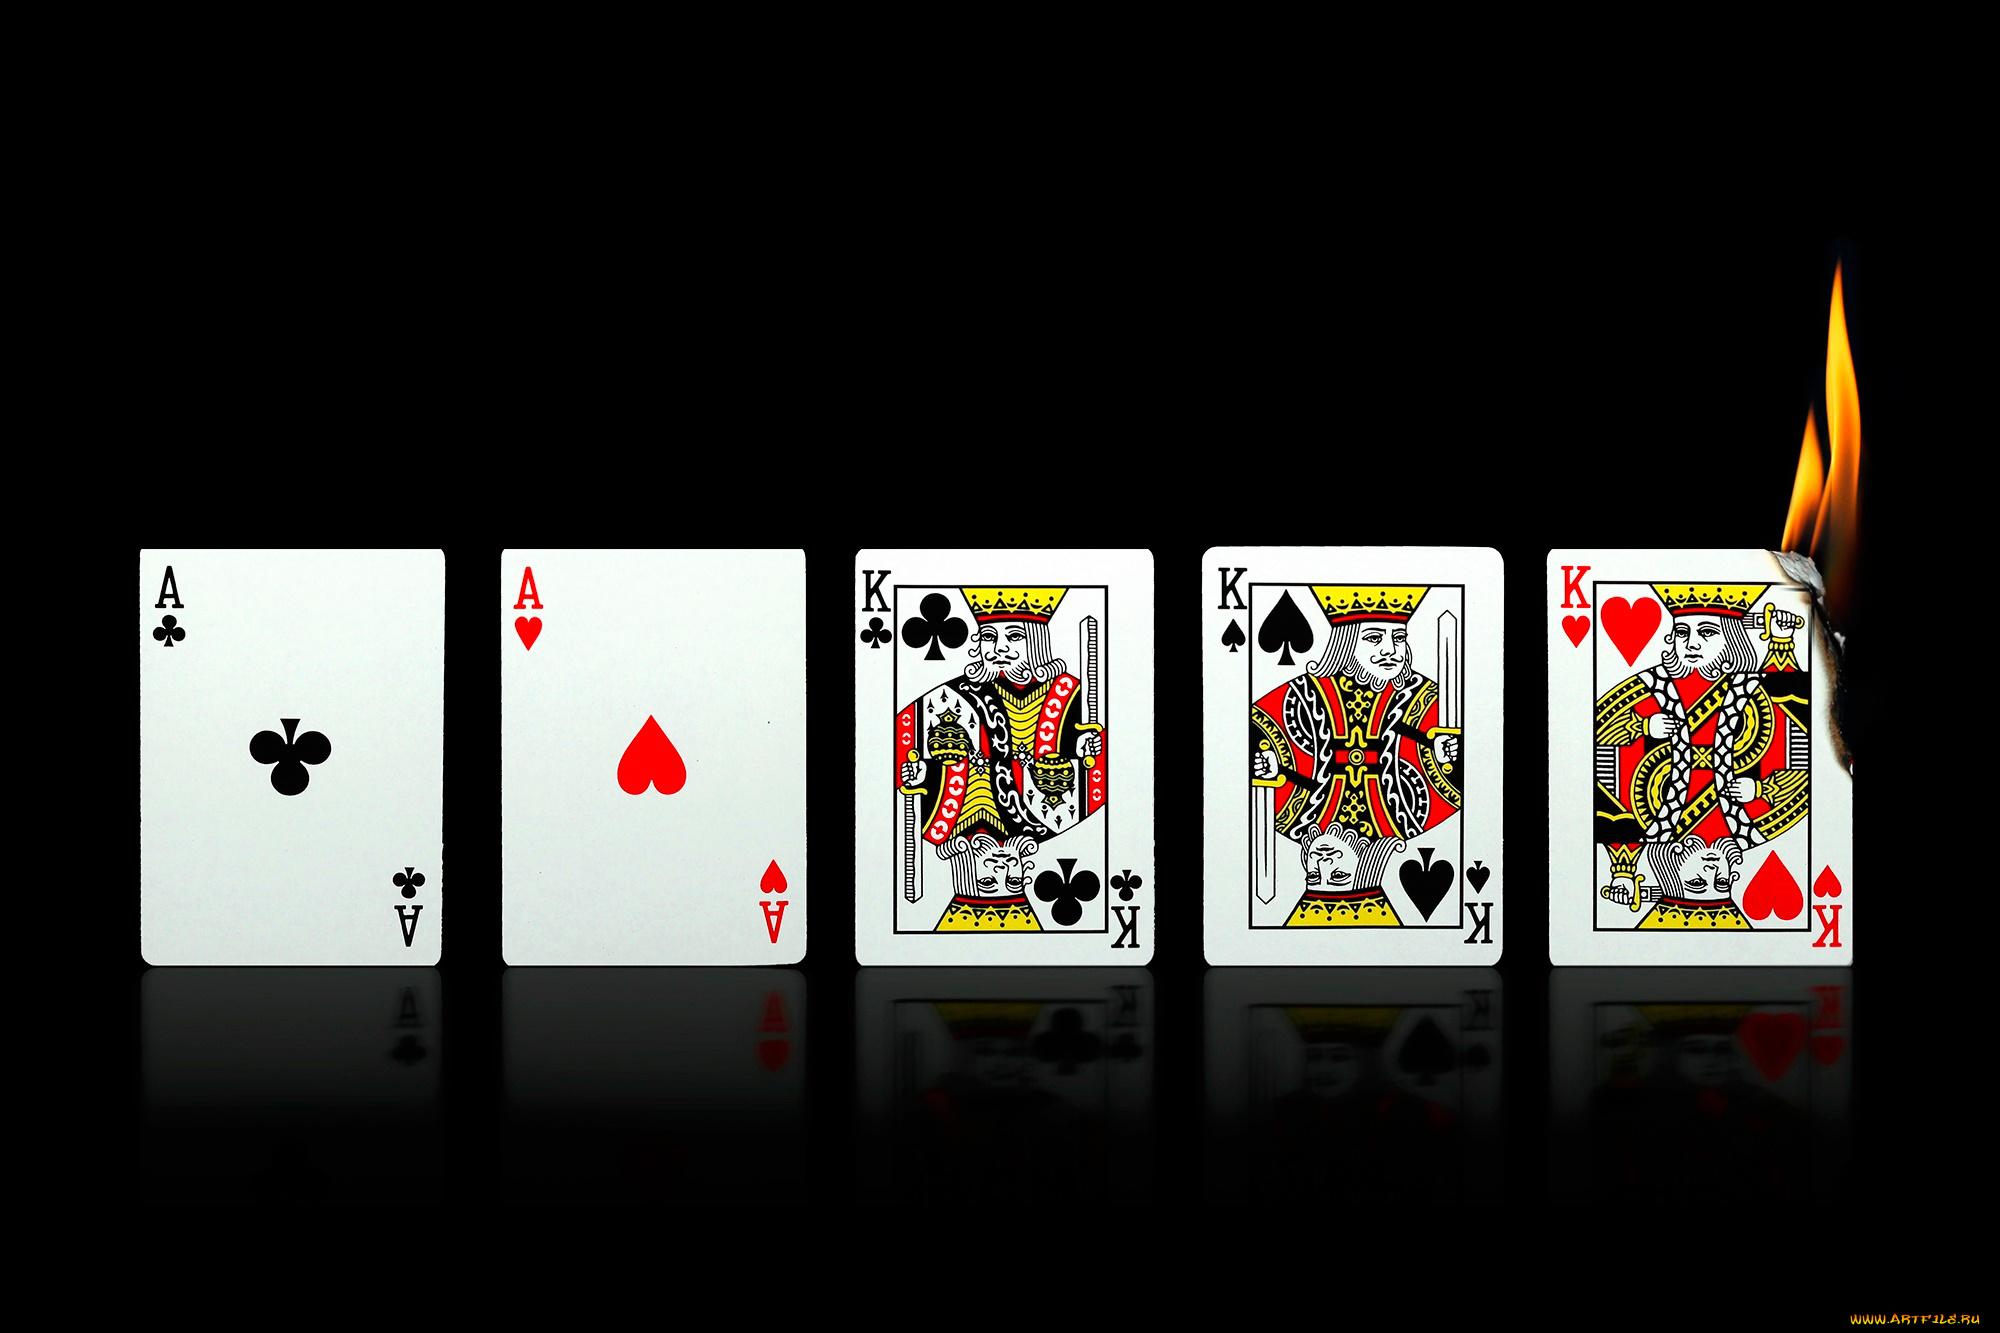 игры карты игральные азартные  № 1898164 загрузить